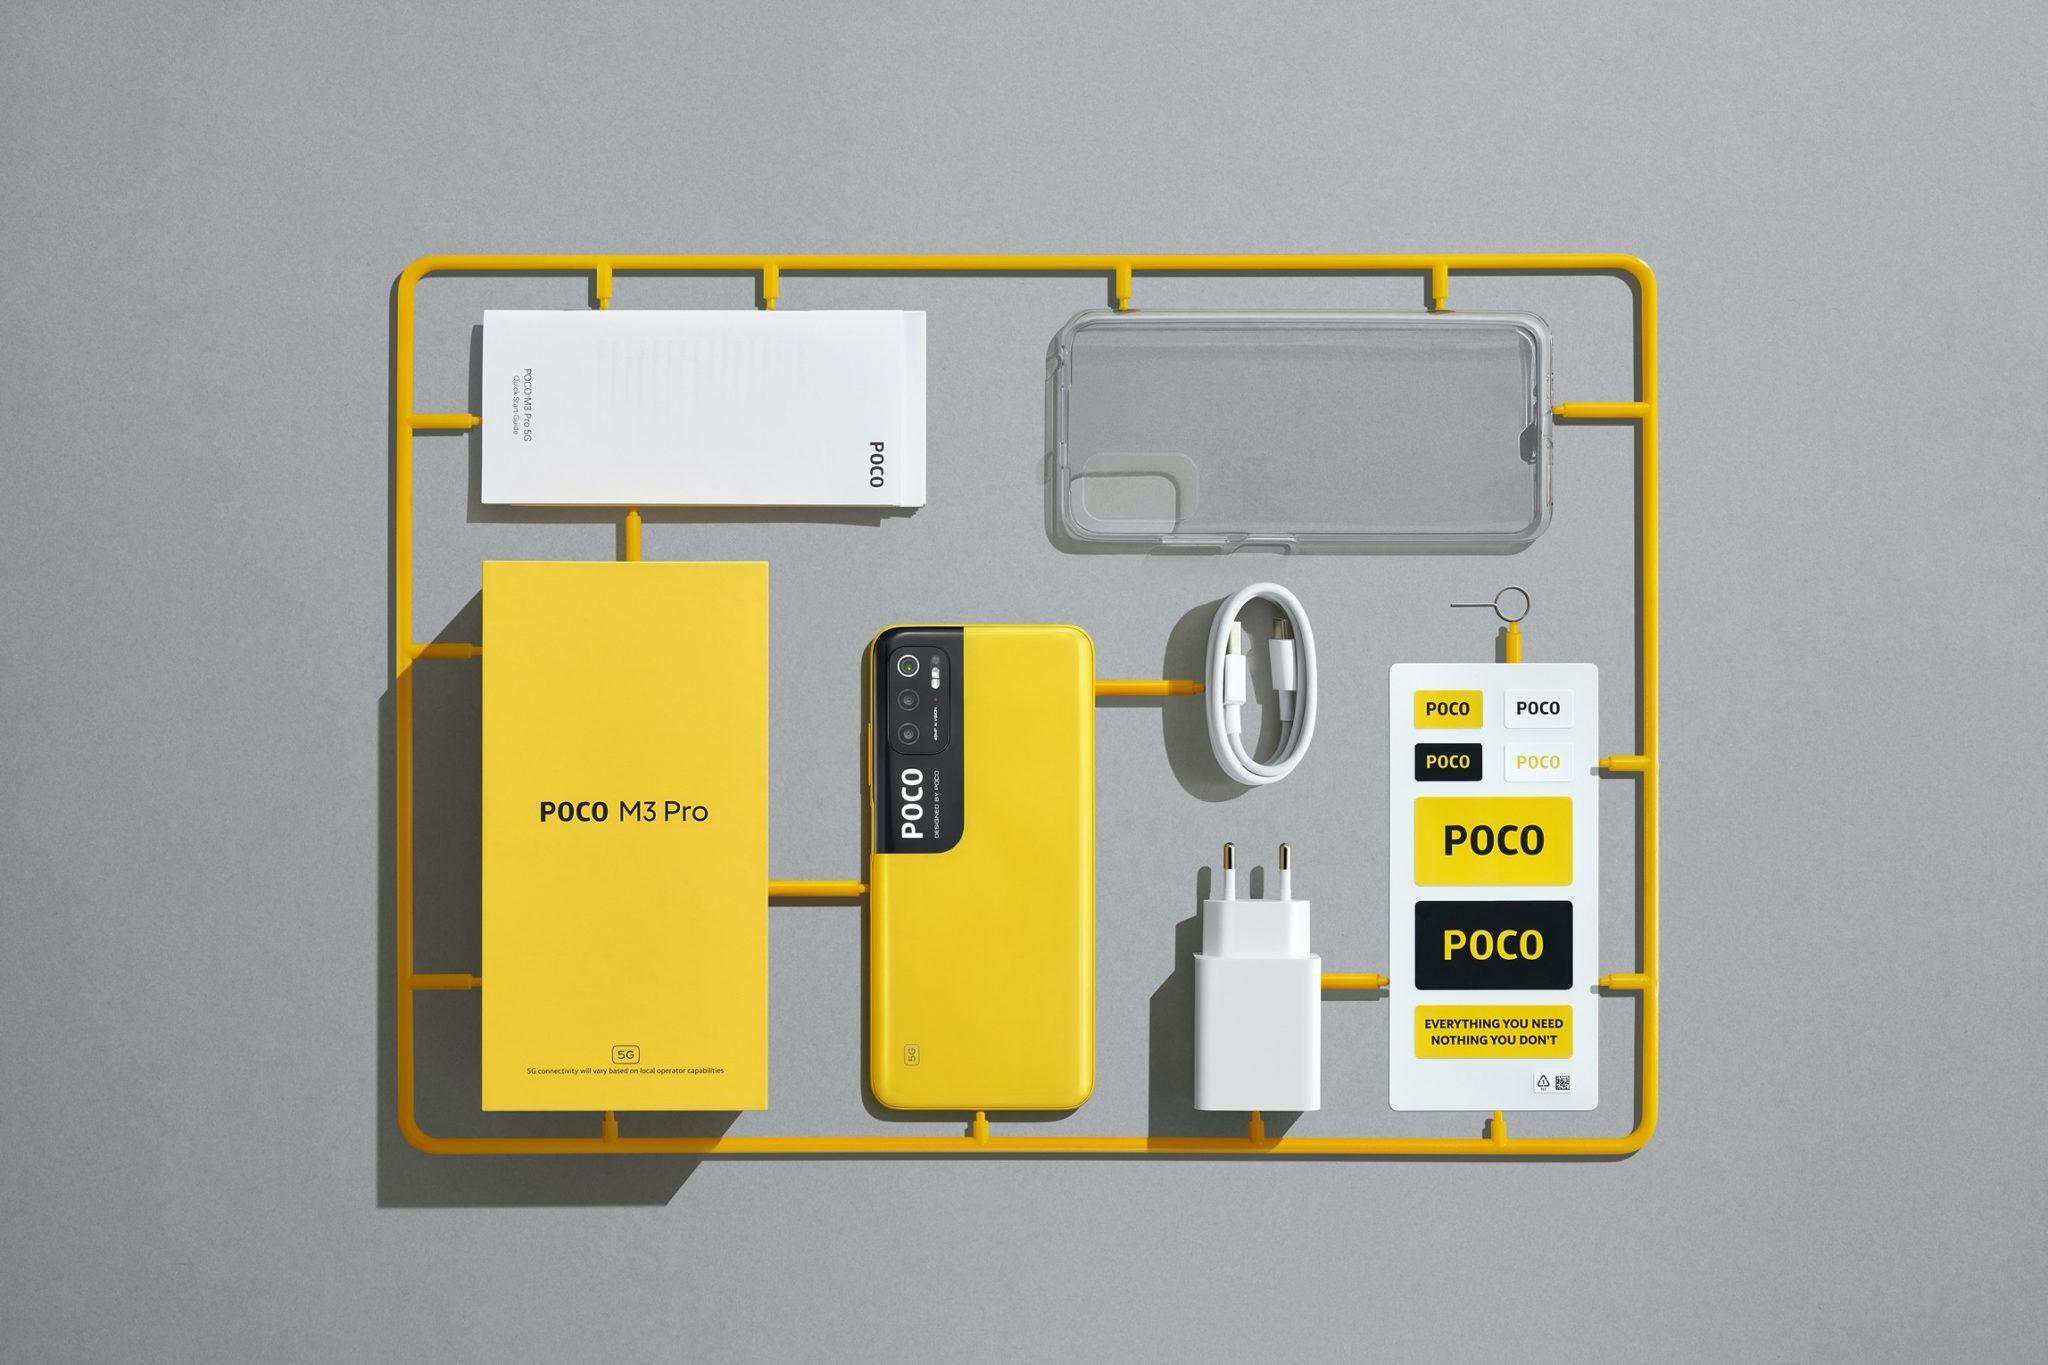 Poco M3 Pro 5G: tanta potenza e connettività veloce a meno di 160 euro